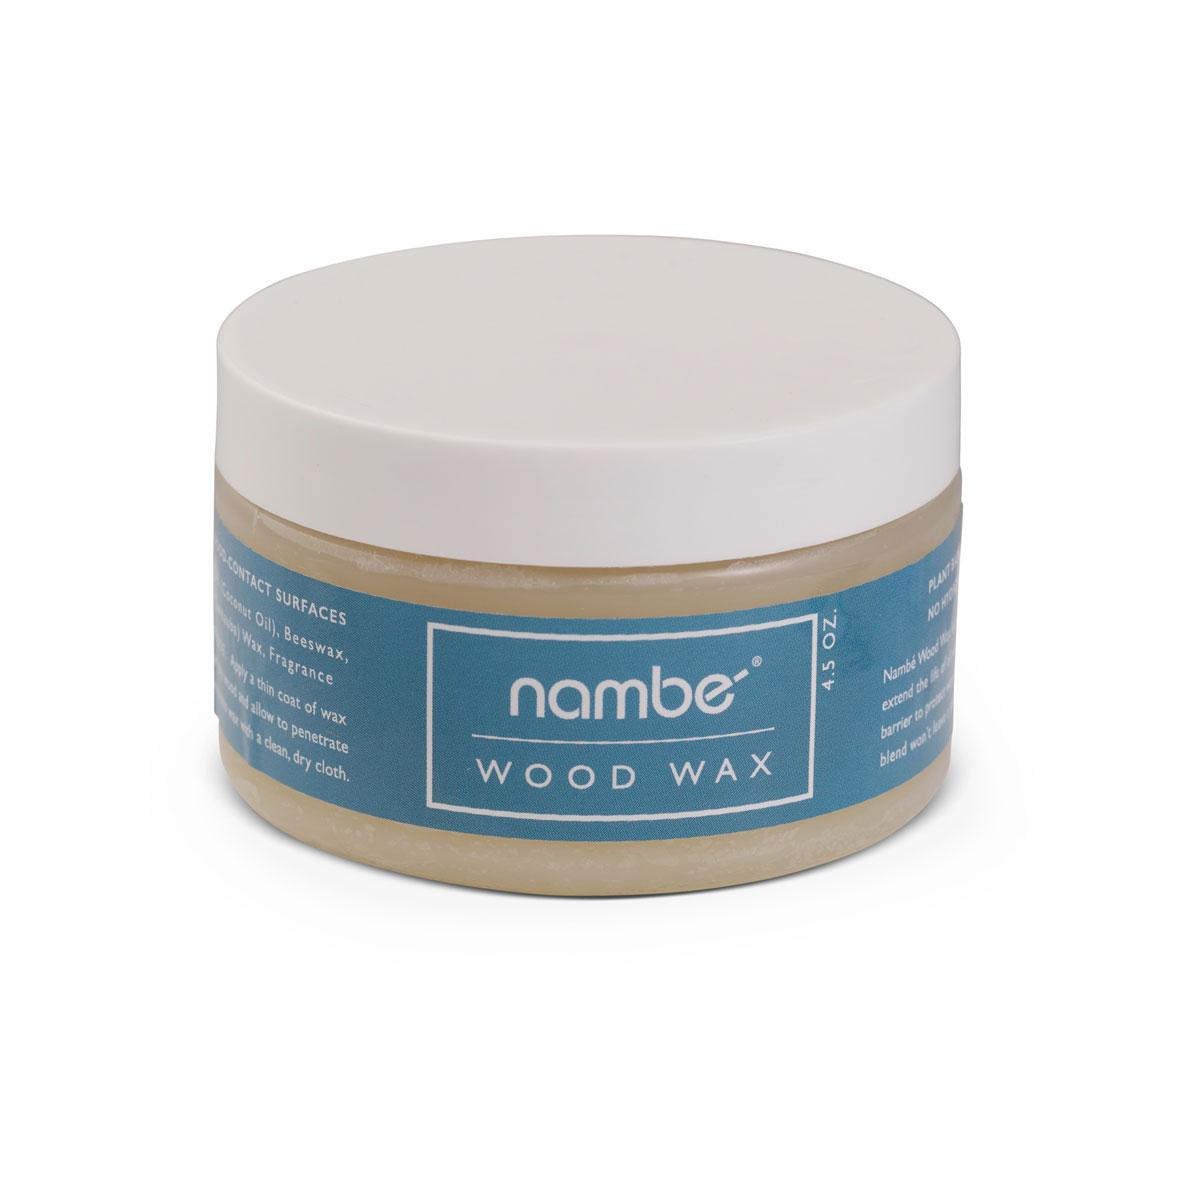 Nambe Wood Wax